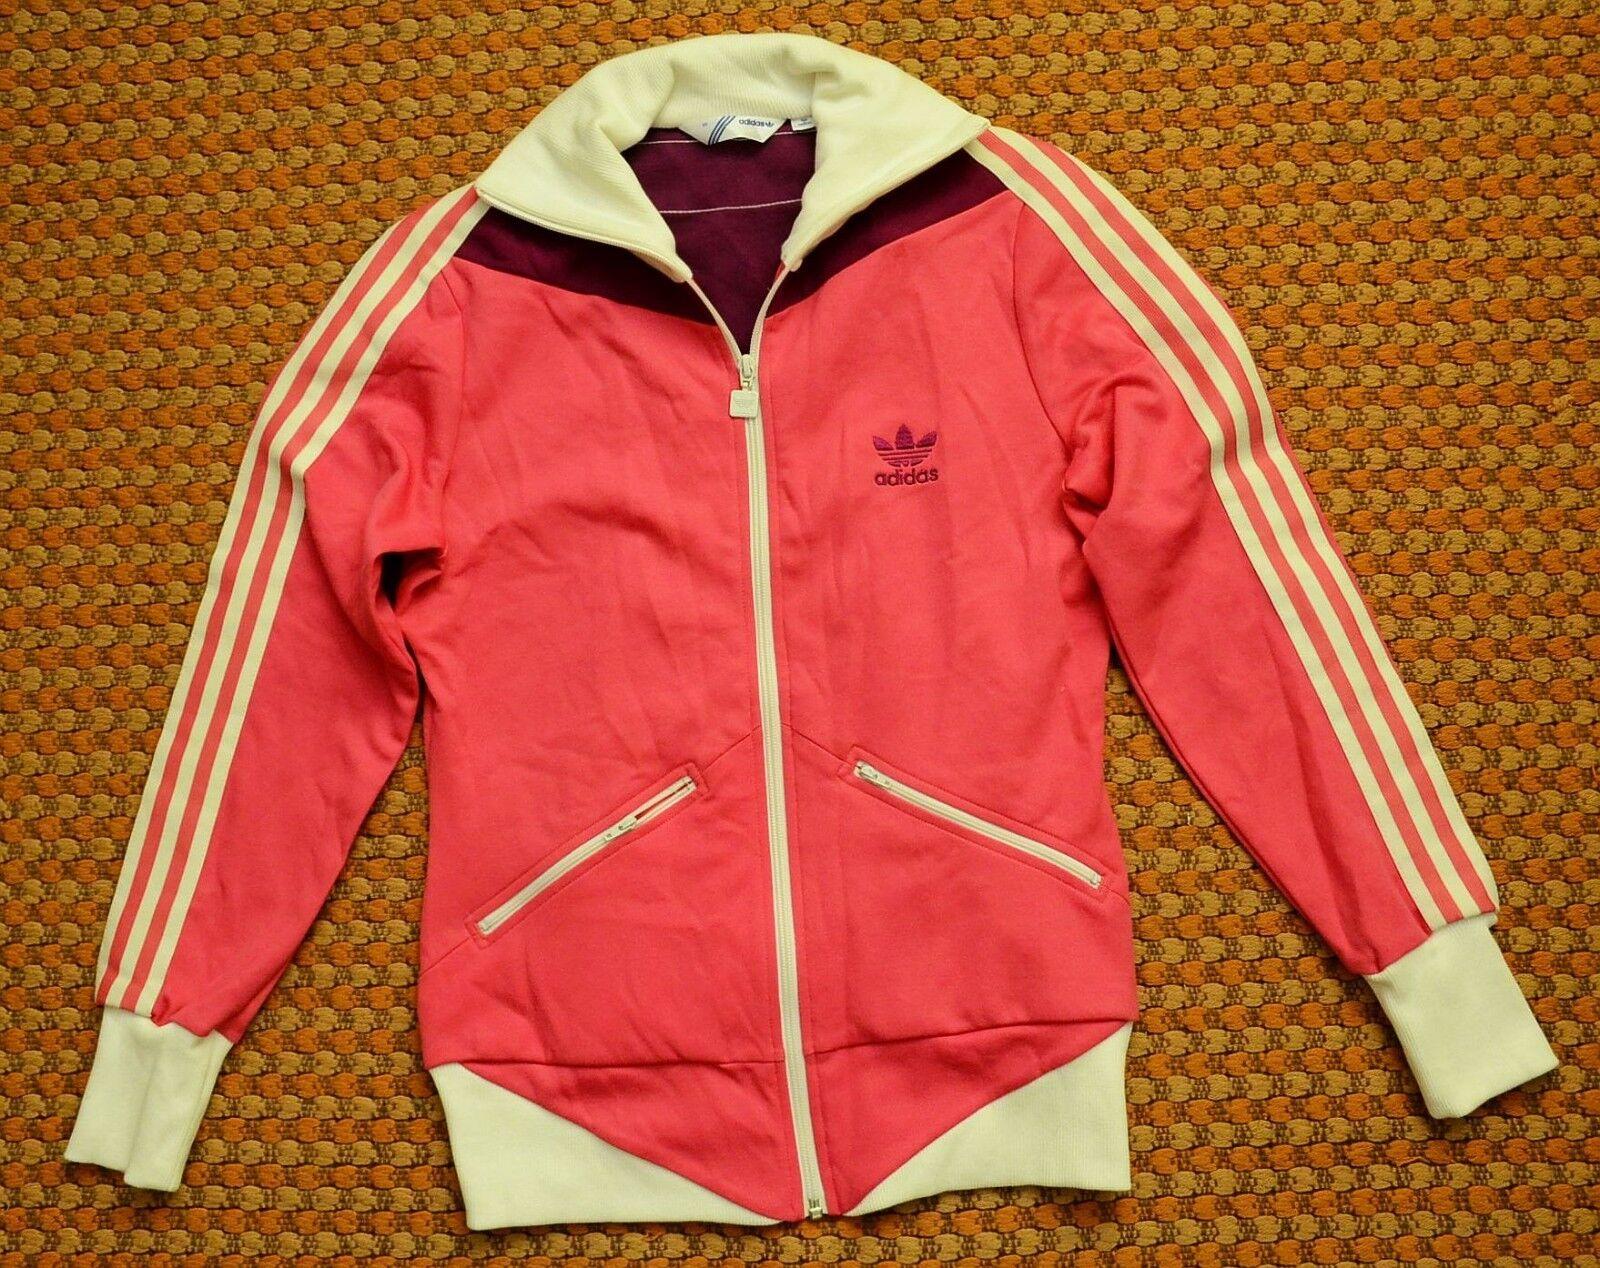 adidas originaux, des des des femmes est rose - blanc - Violet sweat - shirt, taille 40, moyenne 1203dc